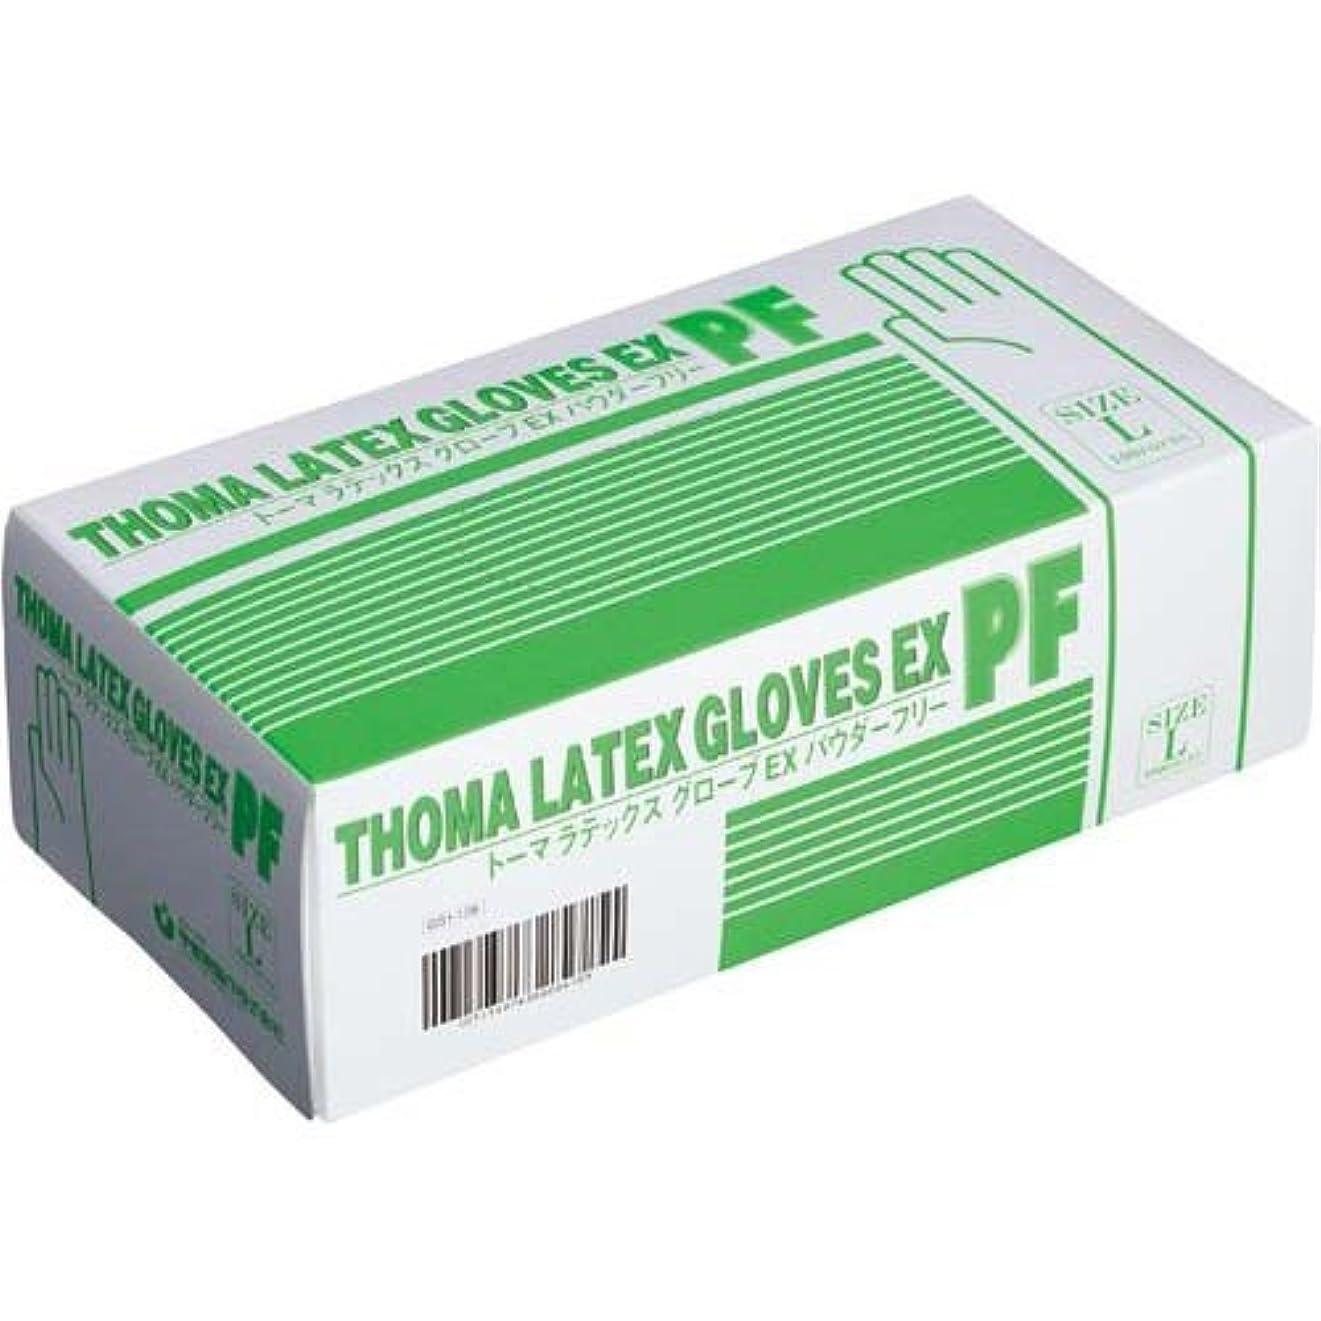 違法必要条件追加する宇都宮製作 トーマラテックスグローブEX粉無L100枚入×10